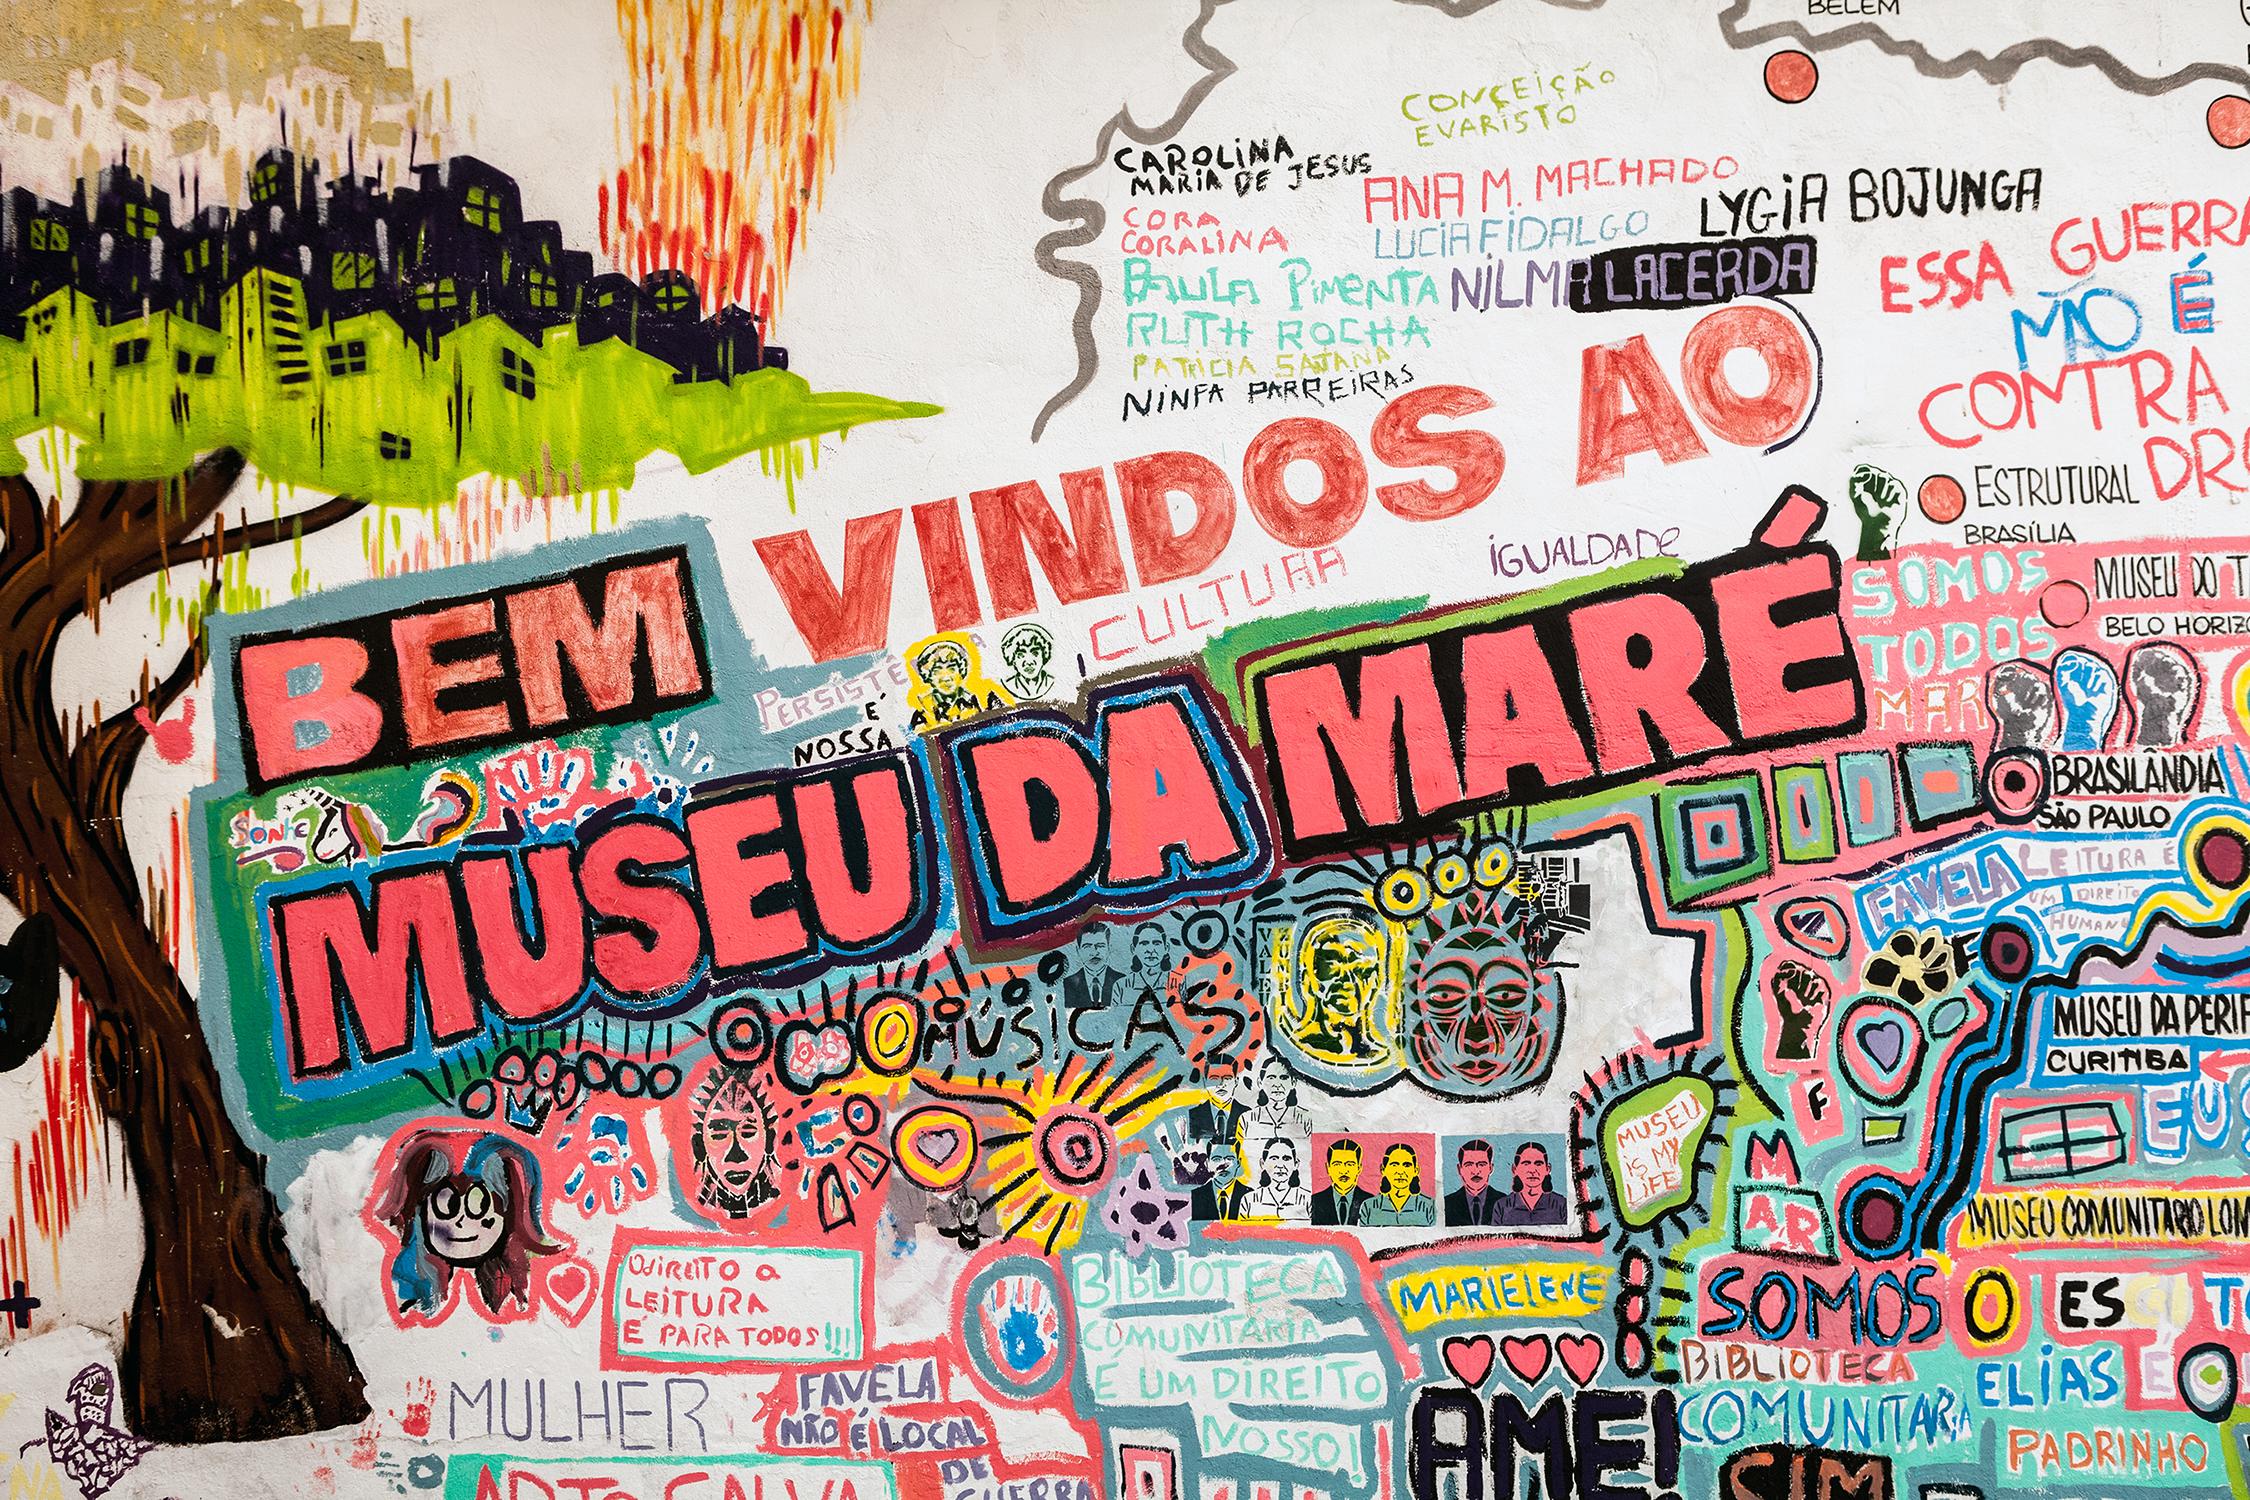 Museu da Maré-2w